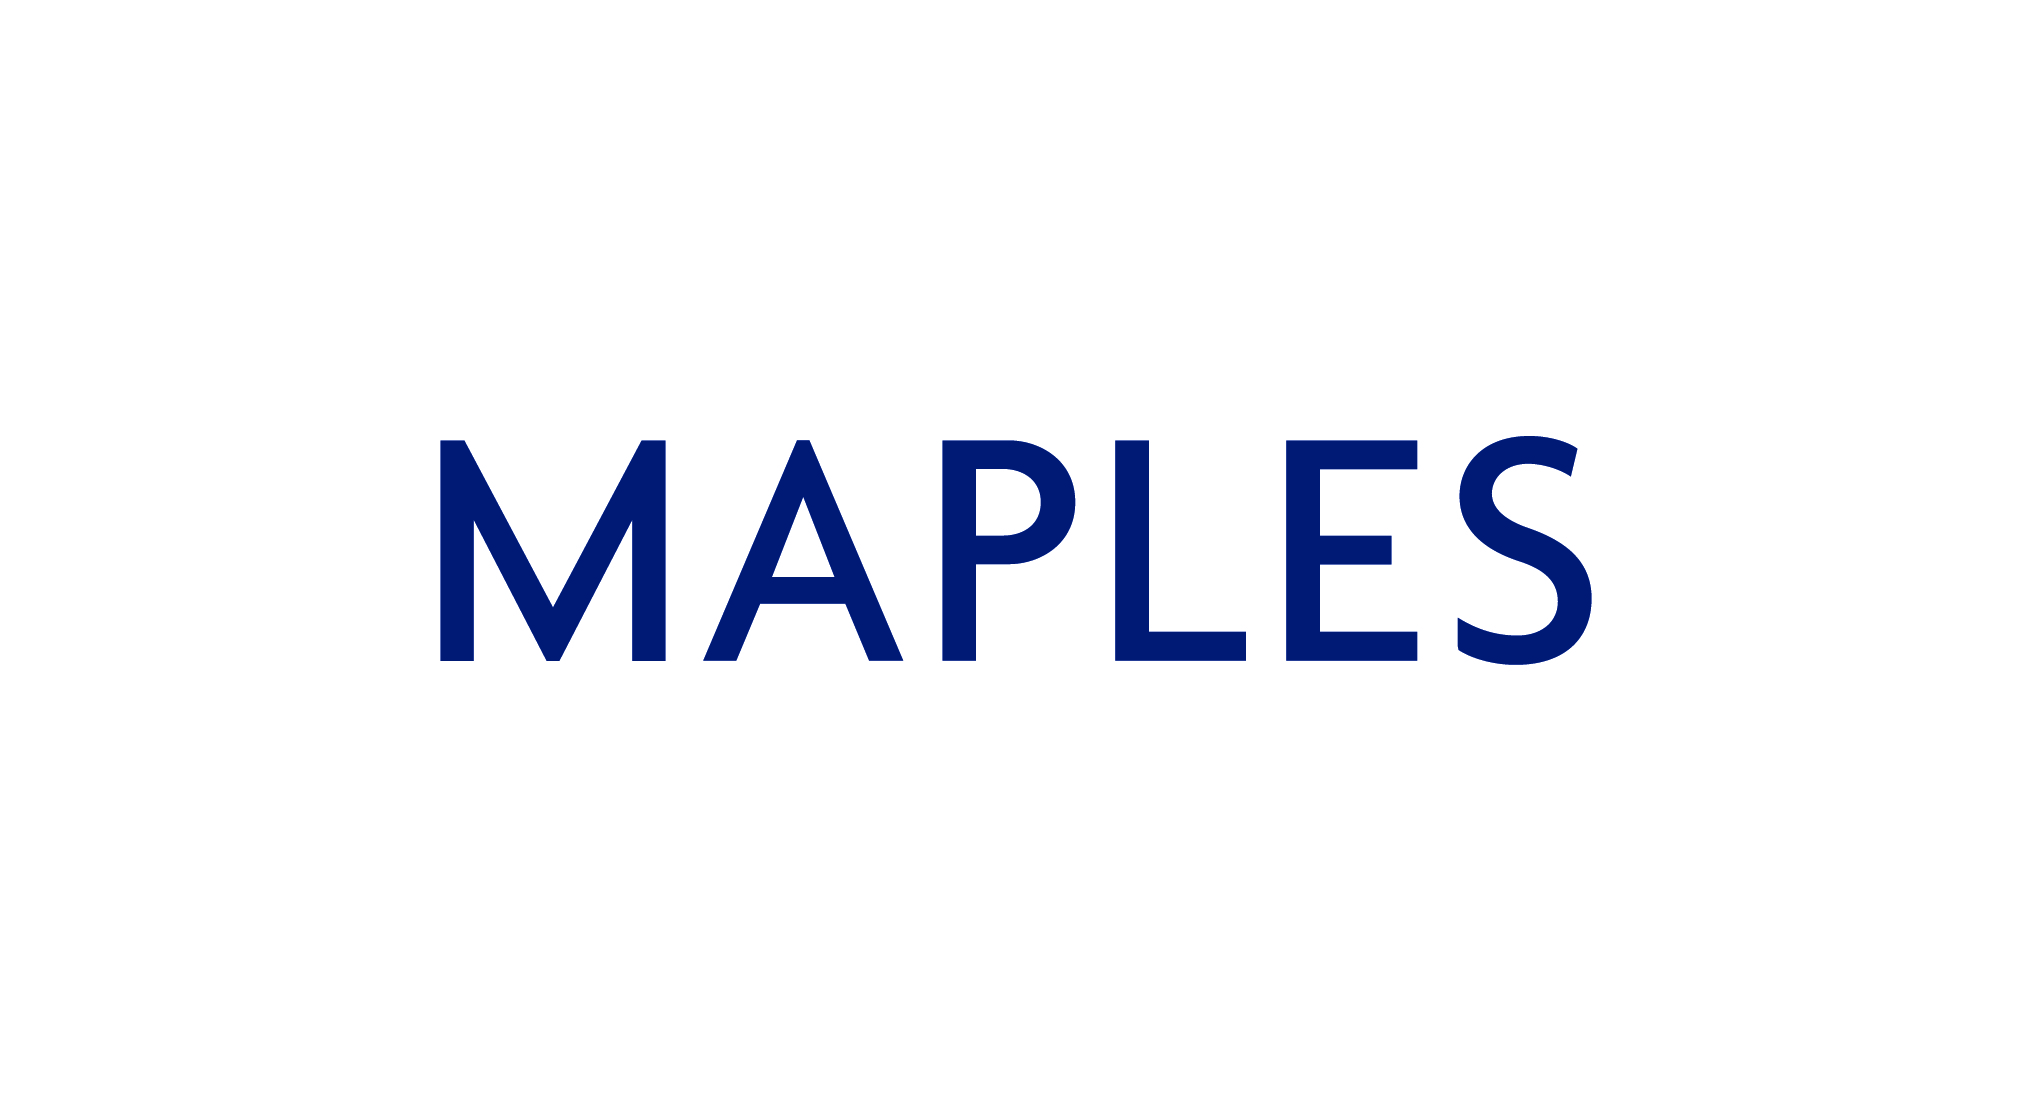 maples_pos_cmyk_2767.jpg (1).jpg